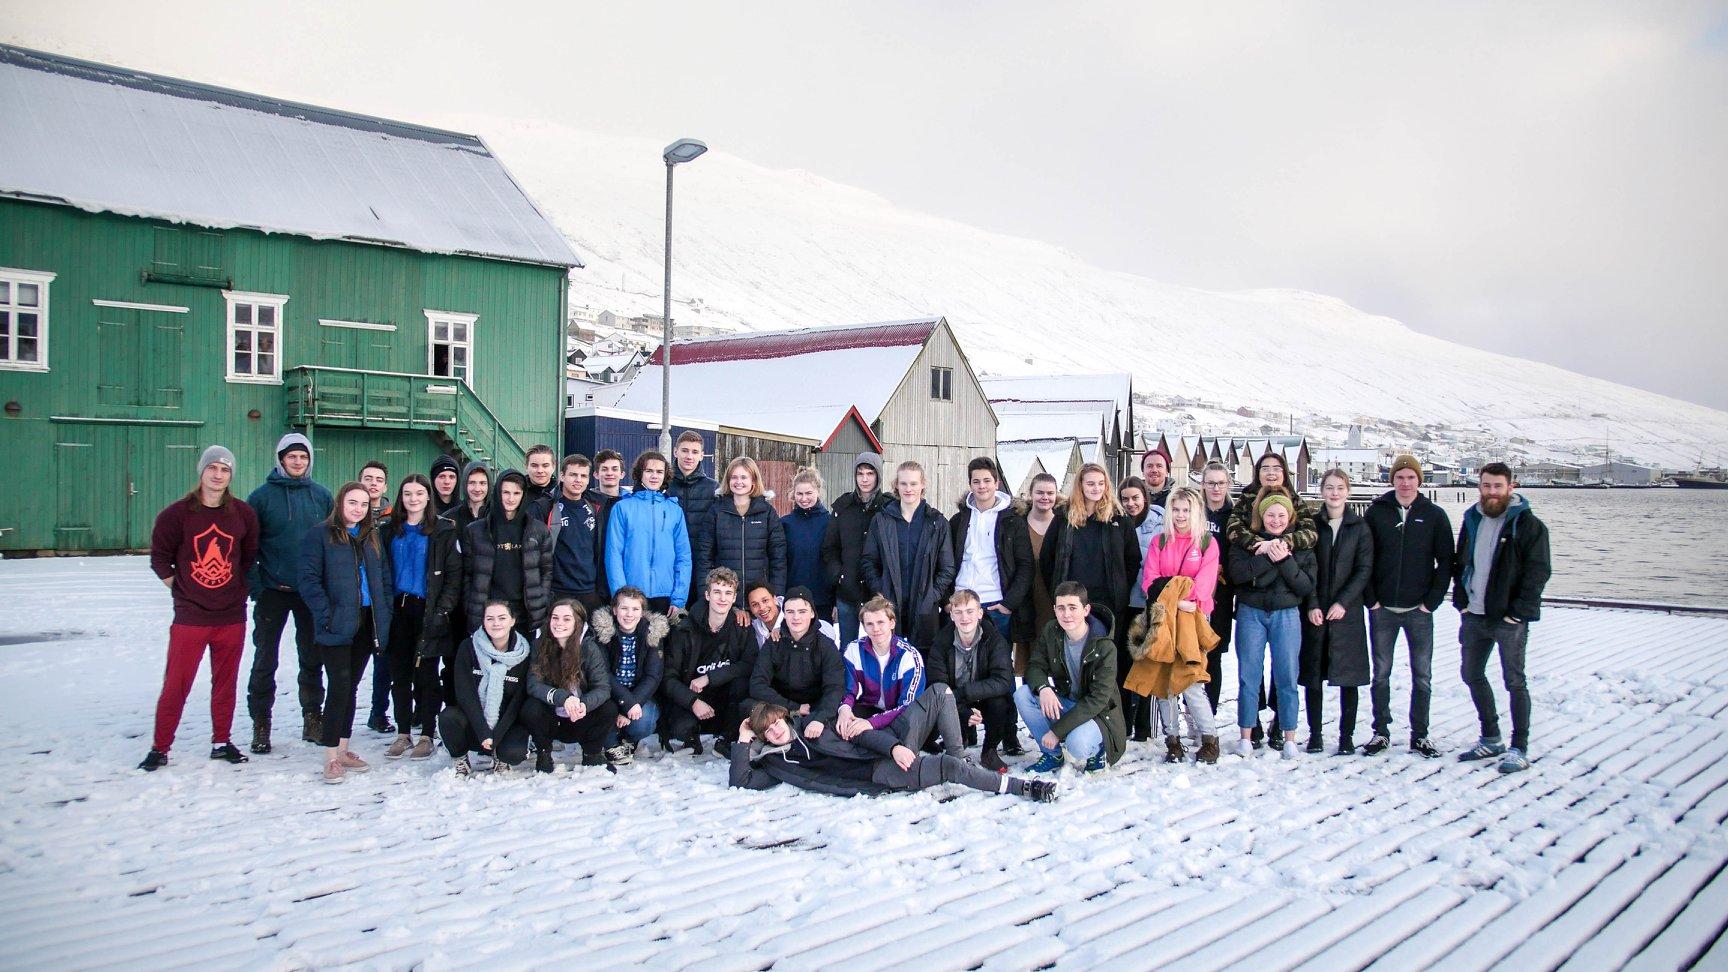 felagsmynd várskeið 2019.jpg